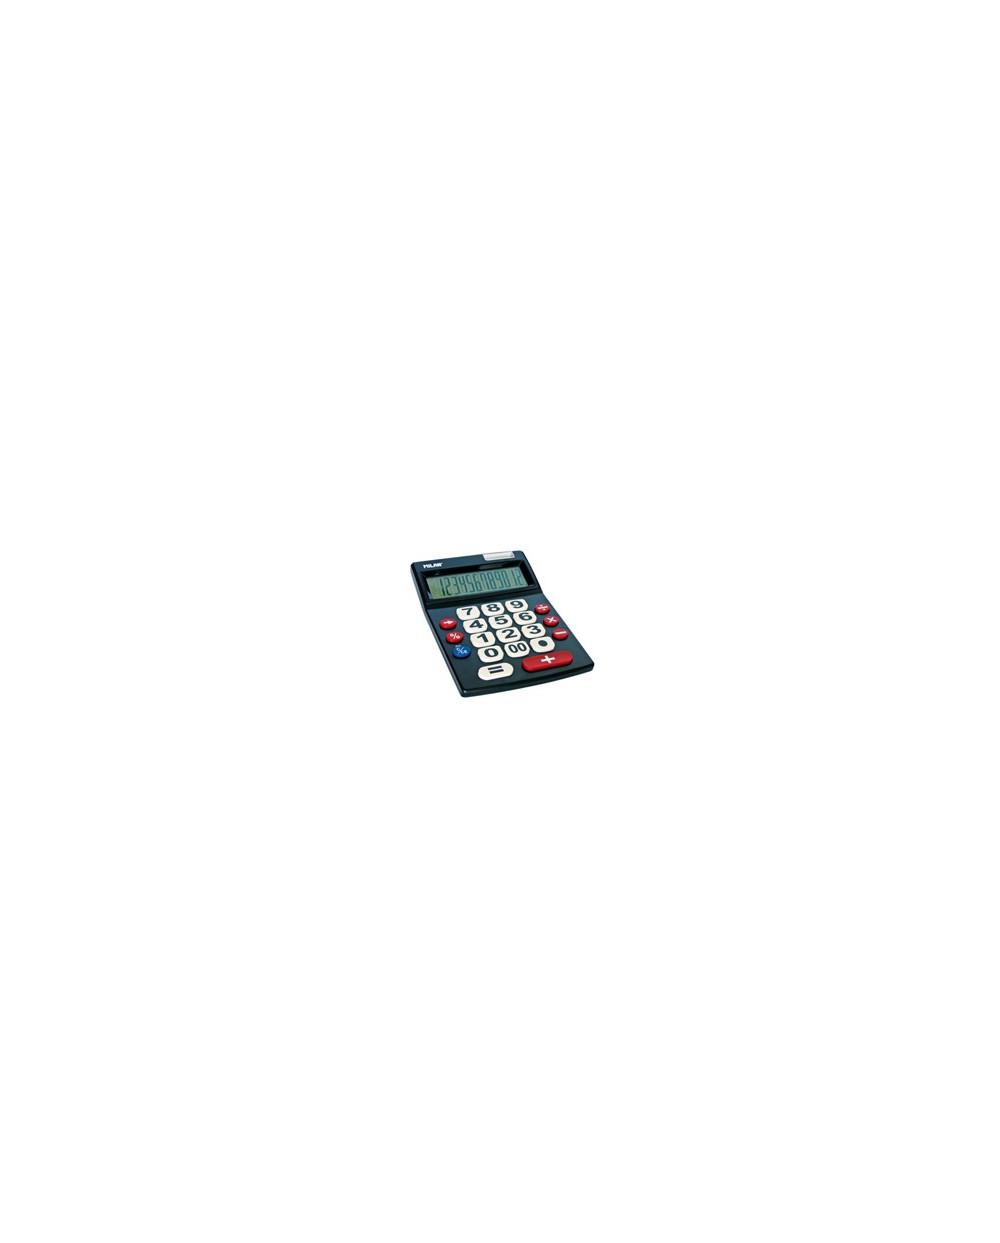 Калкулатор MILAN, 12 разр., 187x135x38 мм, големи бутони